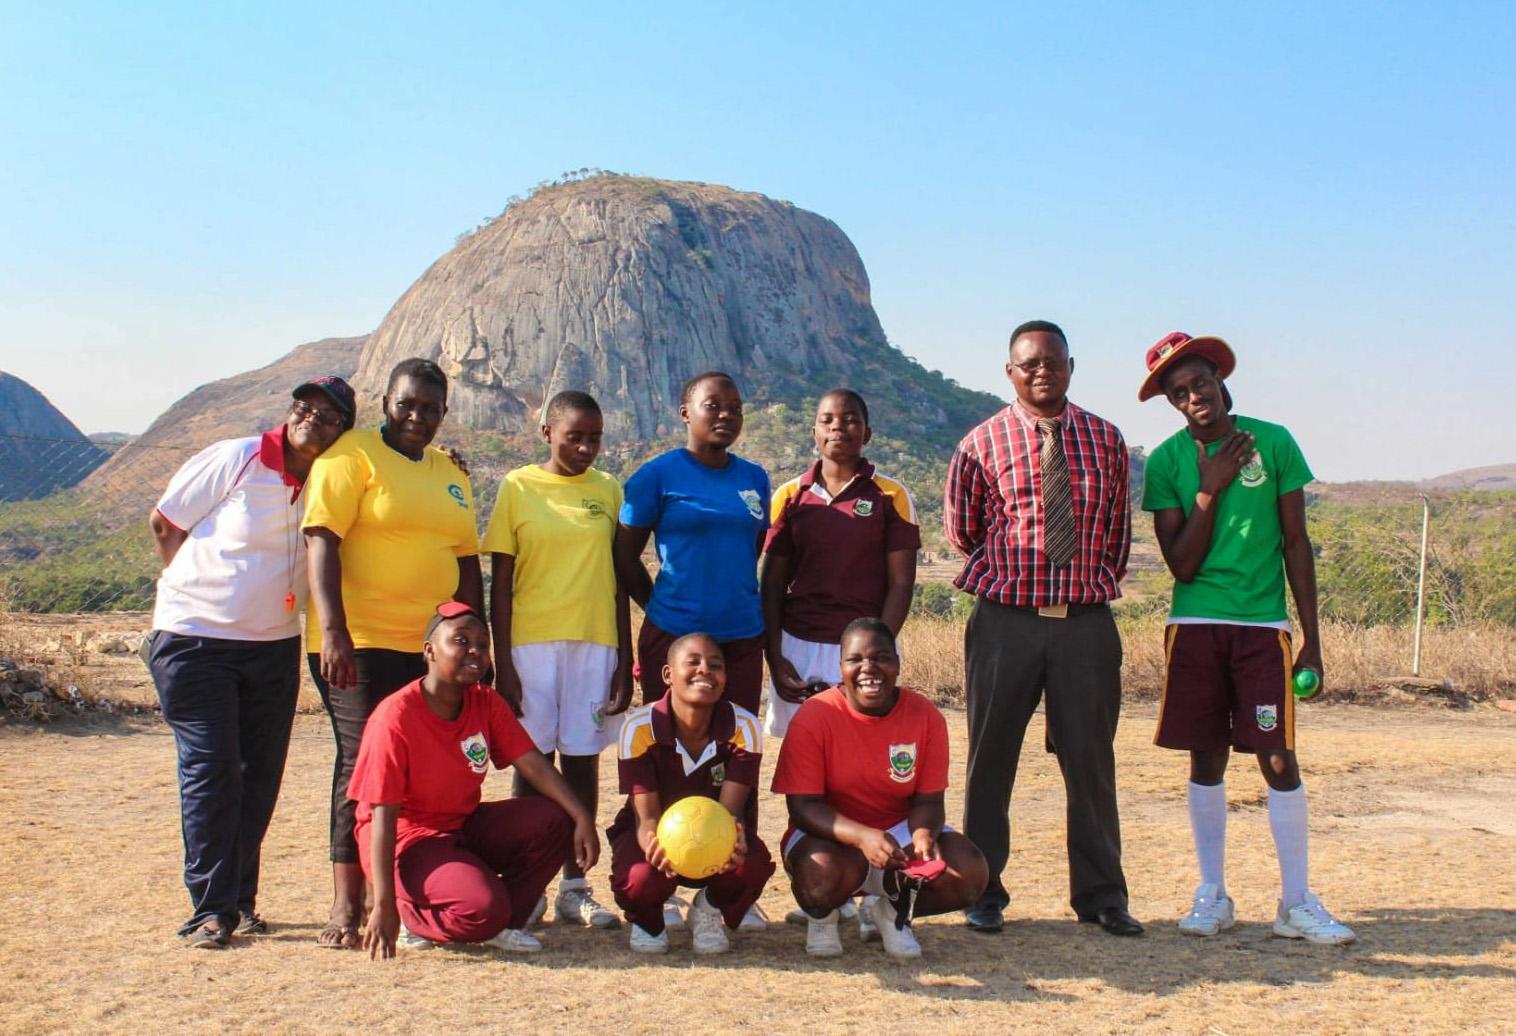 Seis estudiantes de la escuela secundaria Metodista Unida Murewa en Zimbabue han sido seleccionadas para jugar en el partido femenino de la Asociación Internacional de Fútbol para Ciegos en Japón en 2019. En la primera fila de izquierda a derecha, están las estudiantes Fadzai Kimberley, Chengetai Chipanga y Monalisa Makoma; en la fila de atrás, de izquierda a derecha están Teresa Mharadzirwa, la maestra/guía Constance Tendere Munemo, Tanisha Zonde, la arquera Gellie Mawarire, Tarumbidzwa Taruvinga, el director deportivo Pilani Nyanhanda y Titus Tsiga. Foto por Chenayi Kumuterera, SMUN.